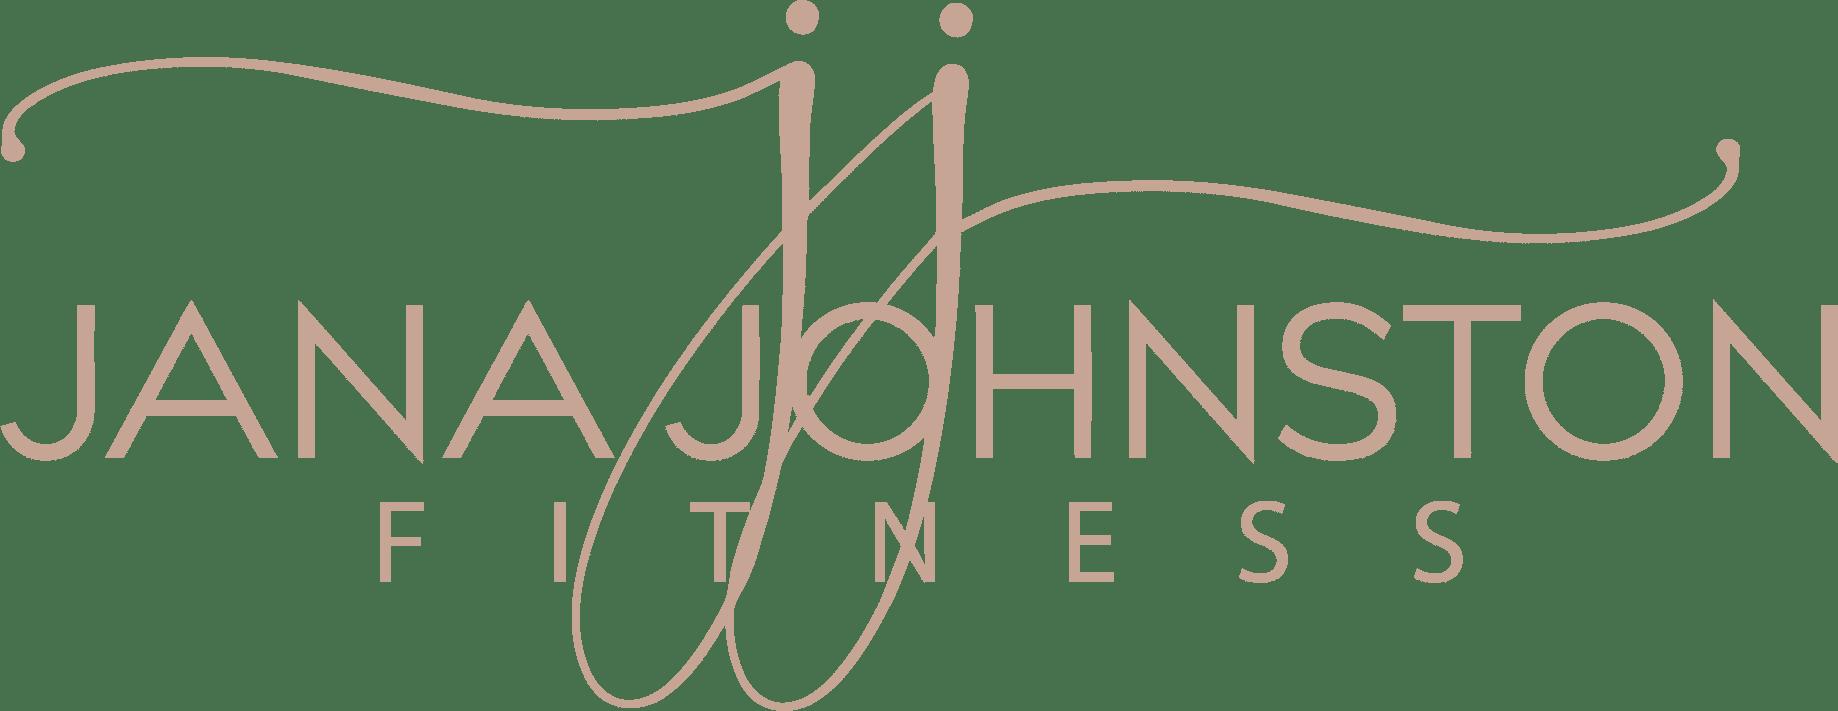 jana-footer-logo